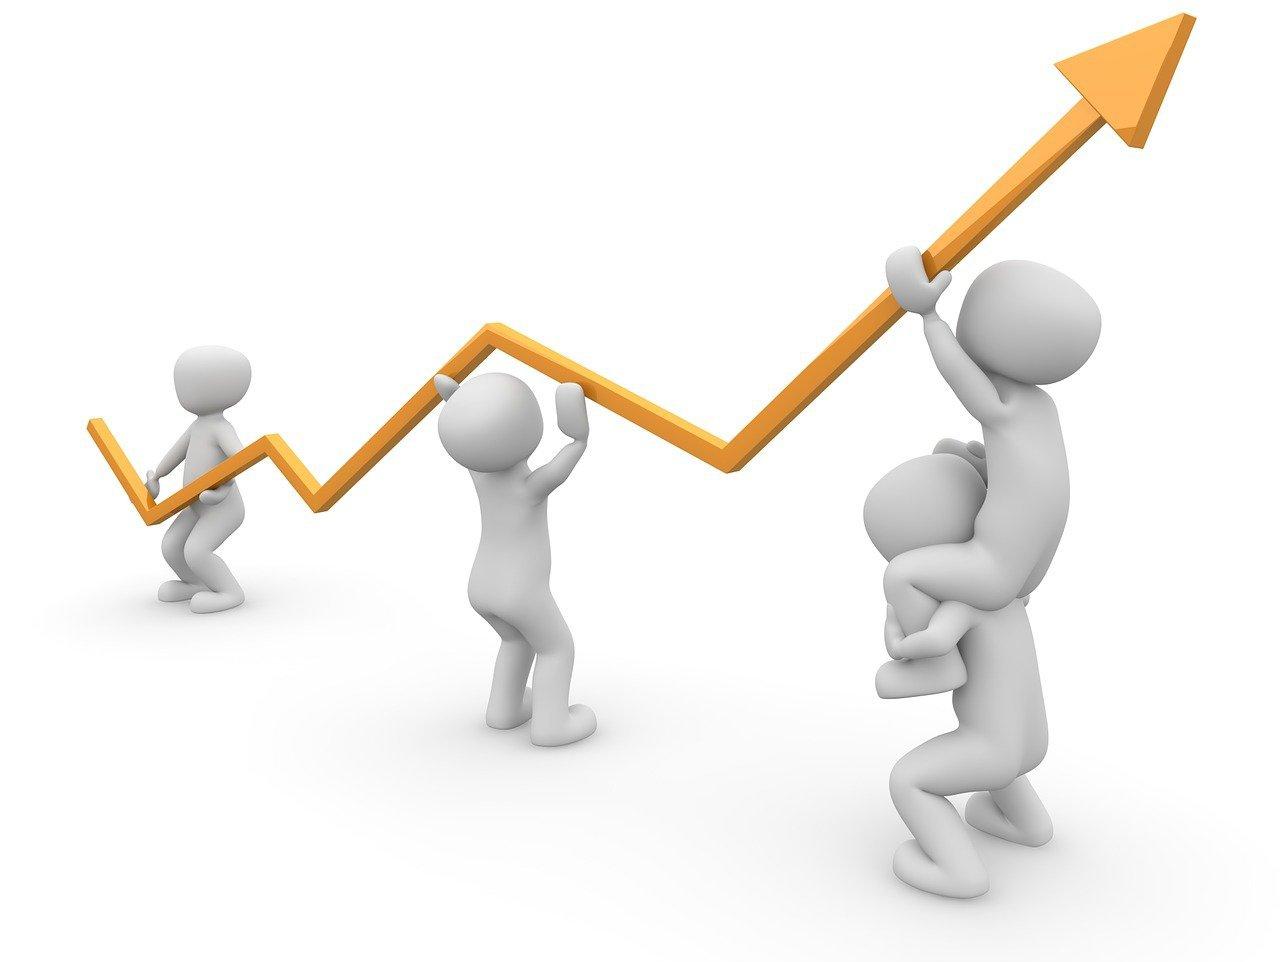 Минстрой рекомендовал застройщикам сдерживать цены на жилье, чтобы получать новые меры поддержки